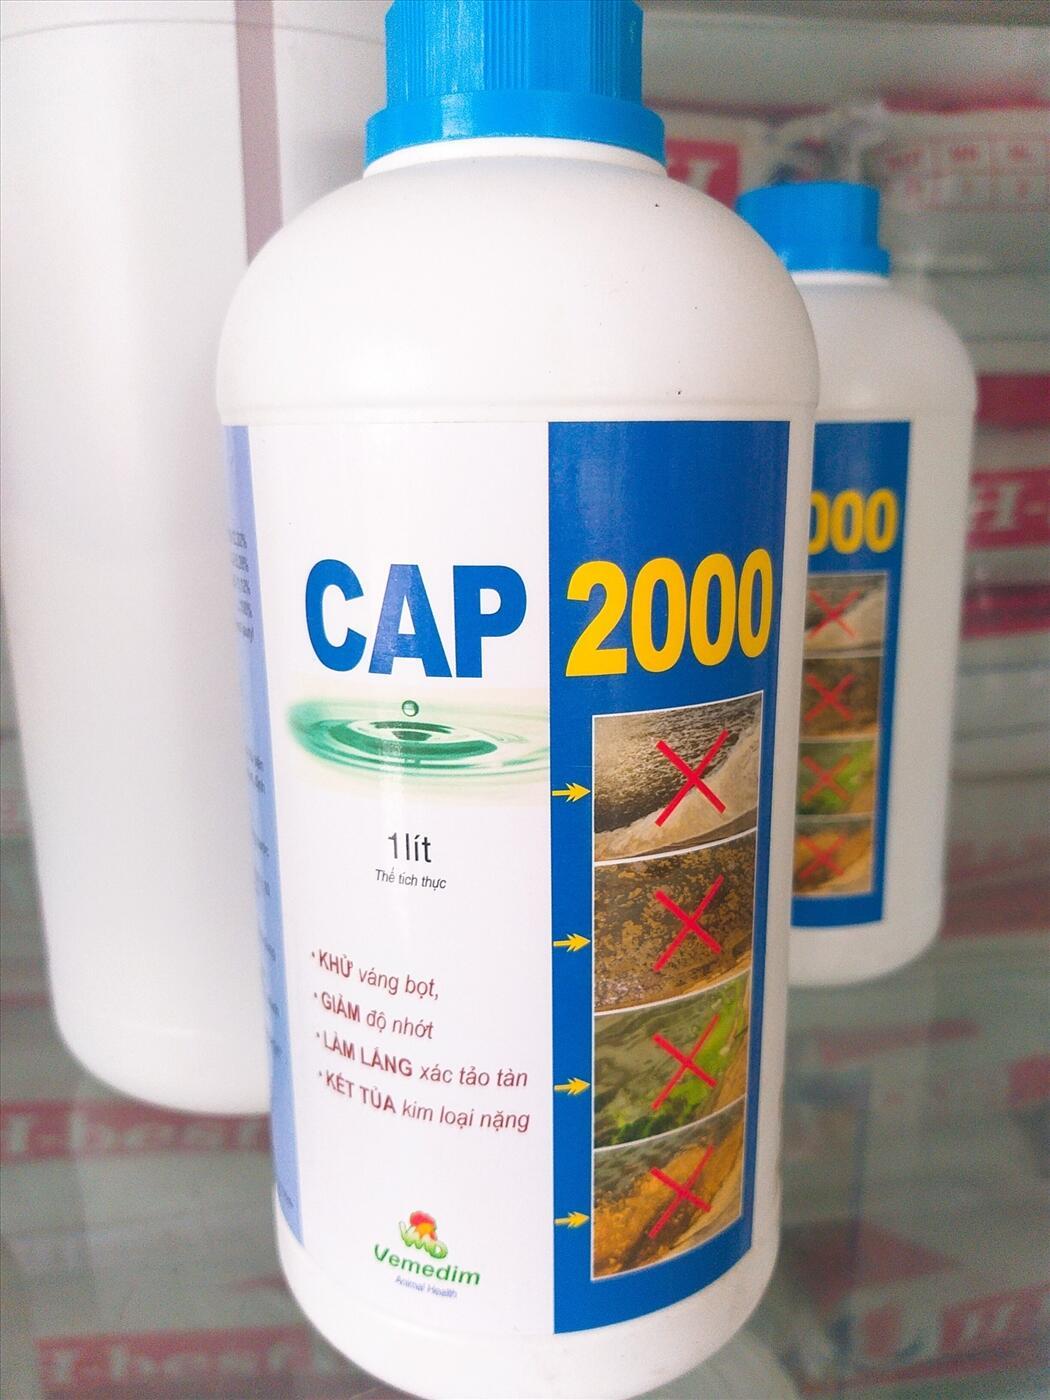 CAP 2000